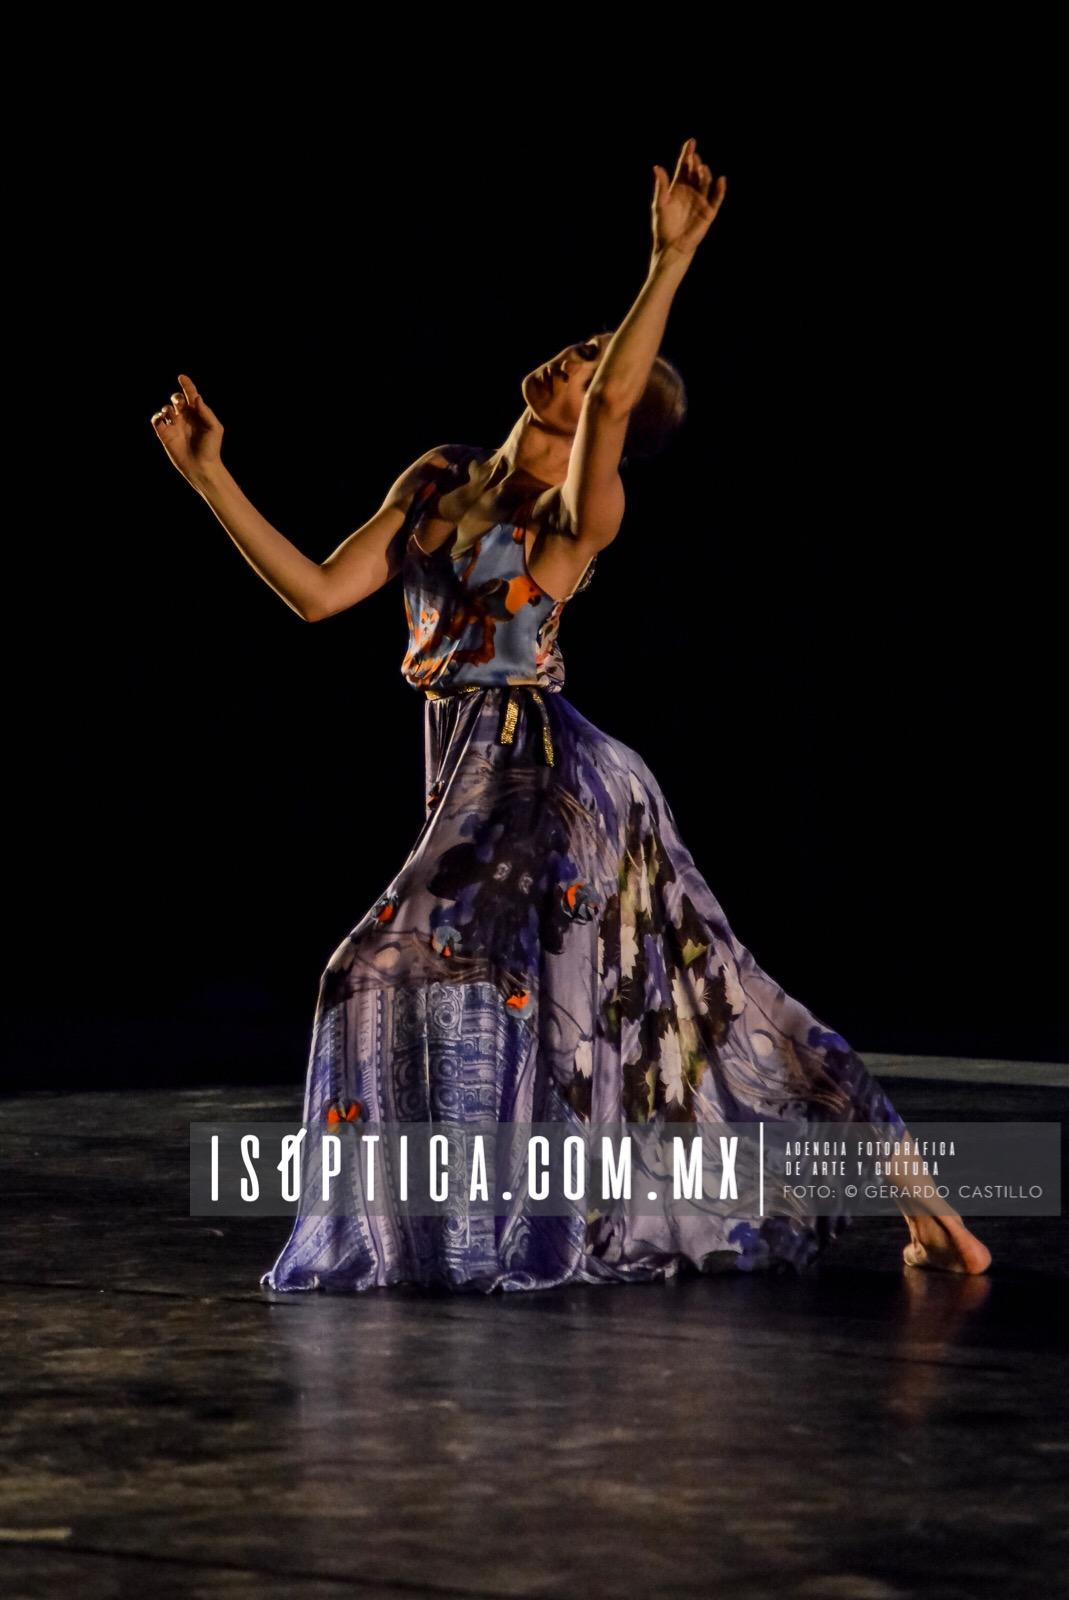 Se presenta la segunda Gala MULTIESTELAR en el Teatro Metropolitano dentro del Ibérica Contemporánea  IMG_2114